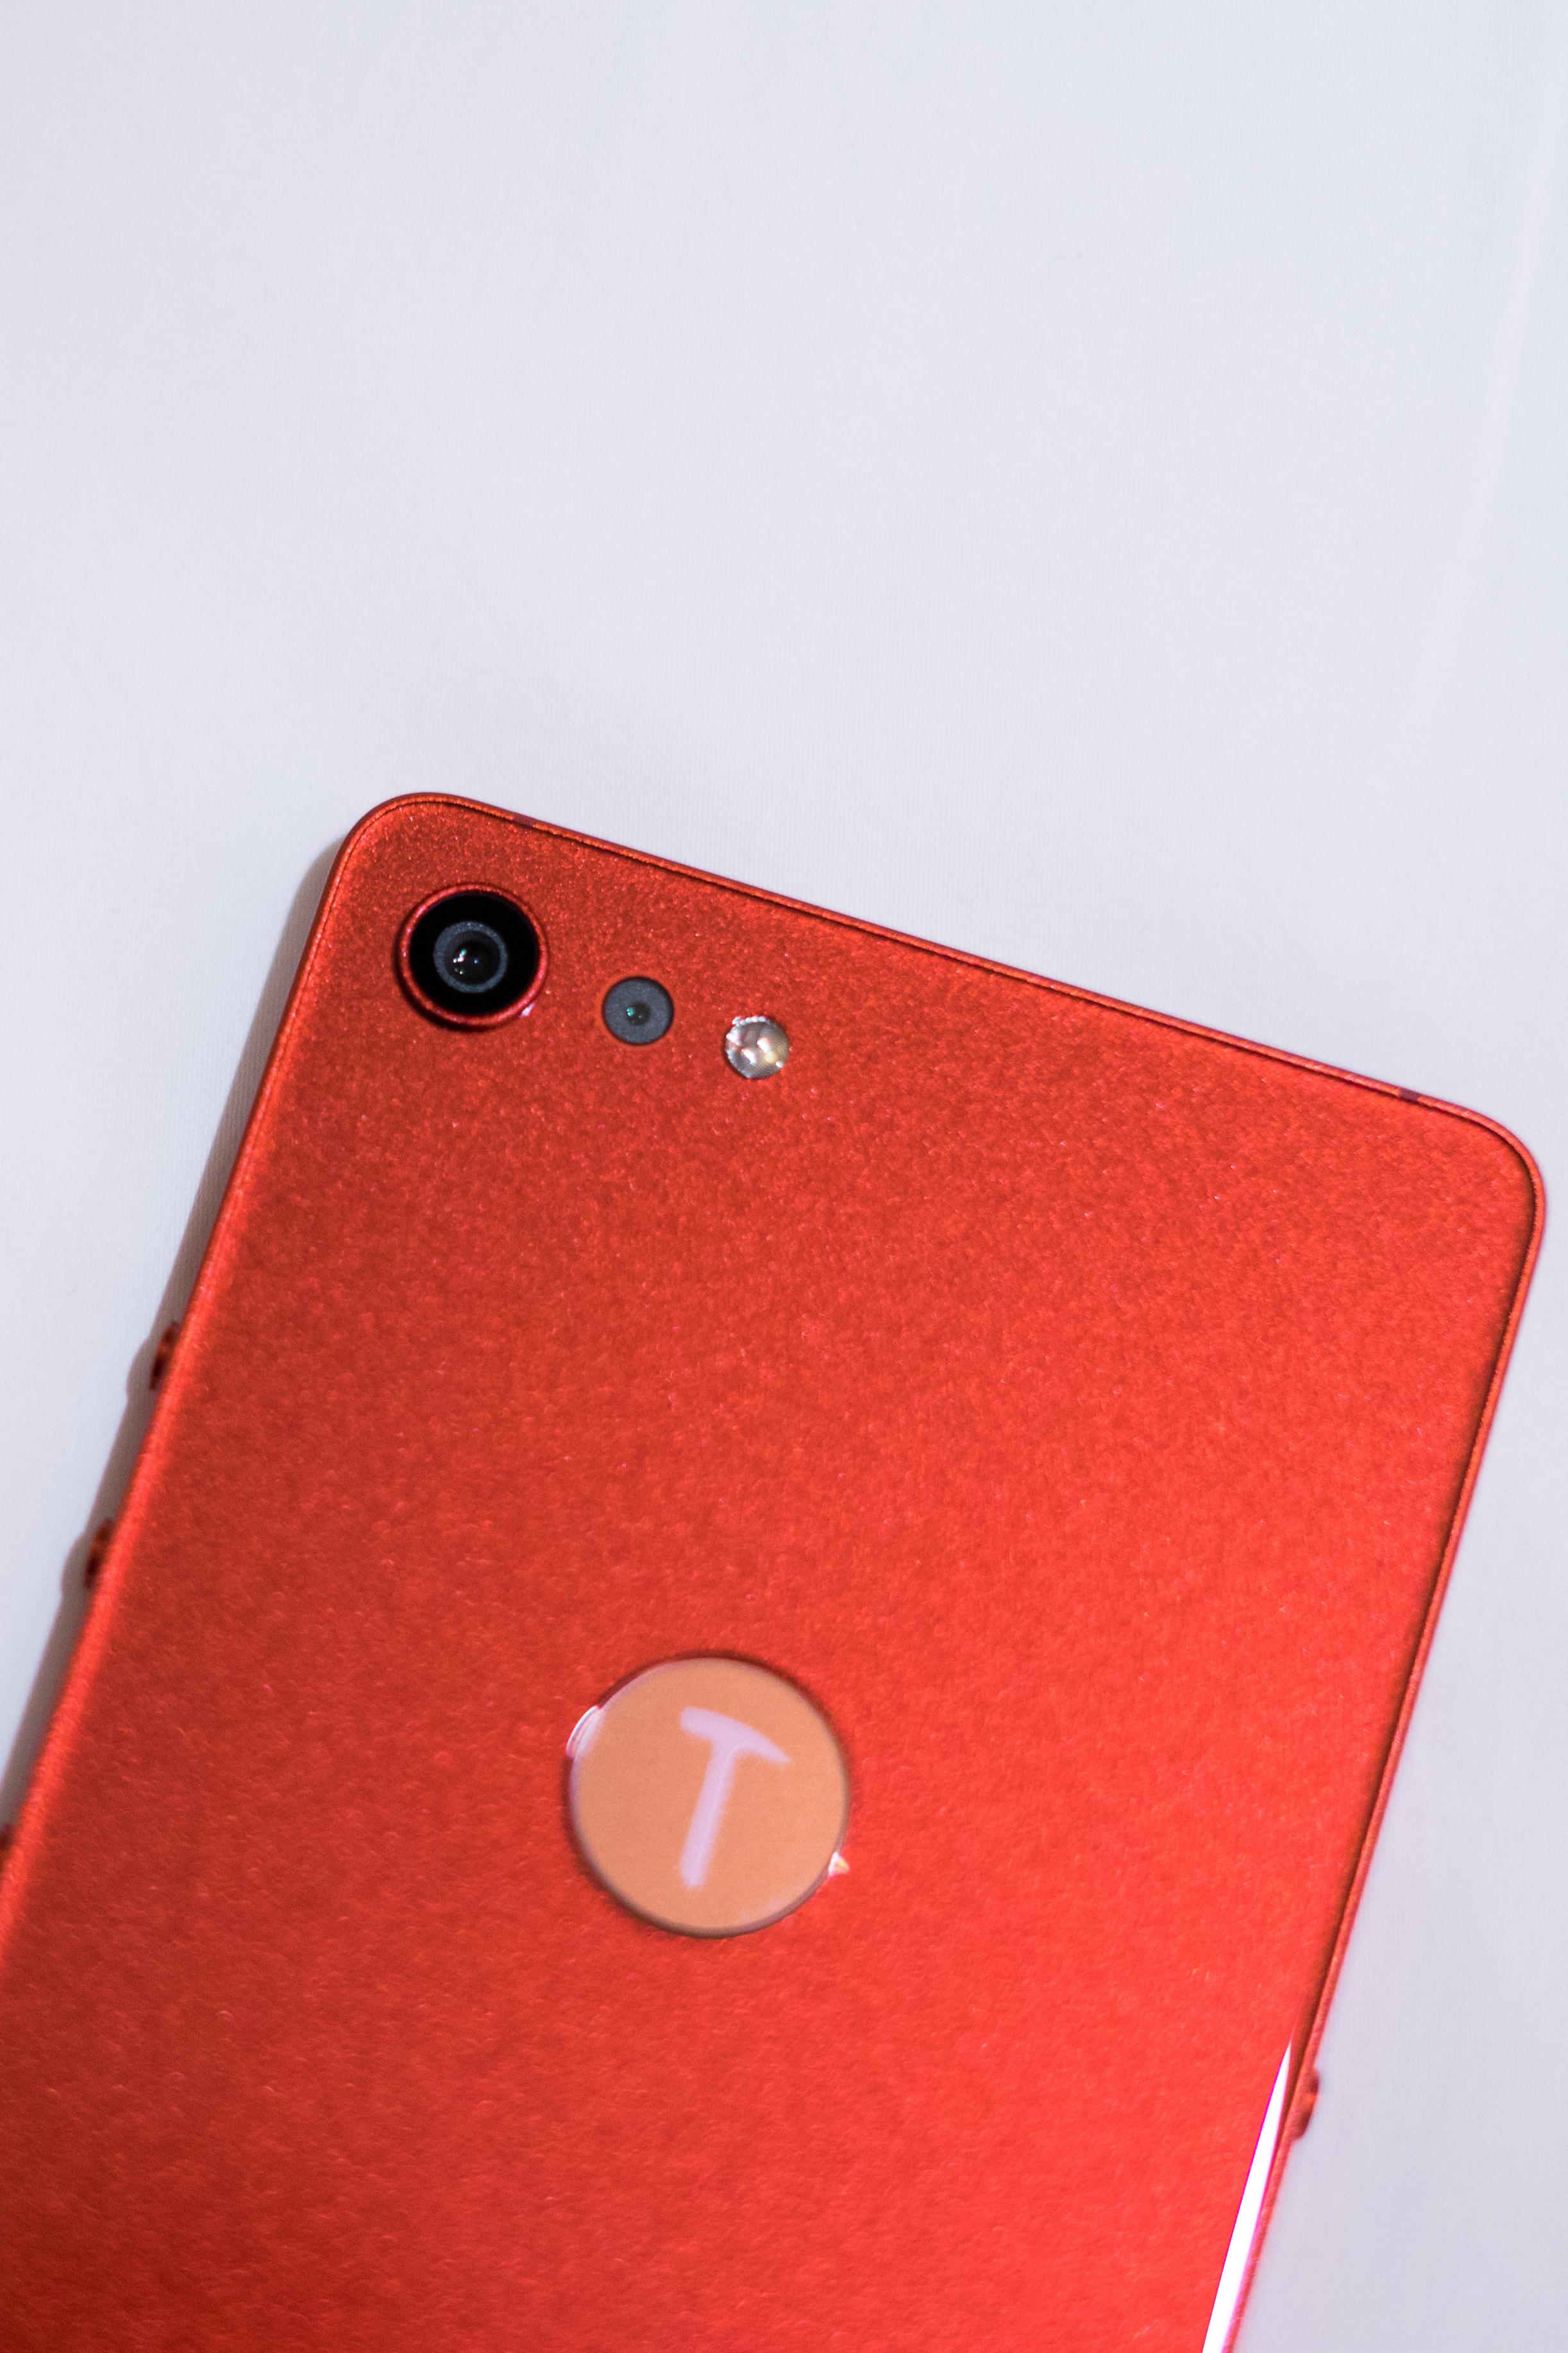 锤子坚果Pro 2评测:这可能是2017年最漂亮的手机的照片 - 8